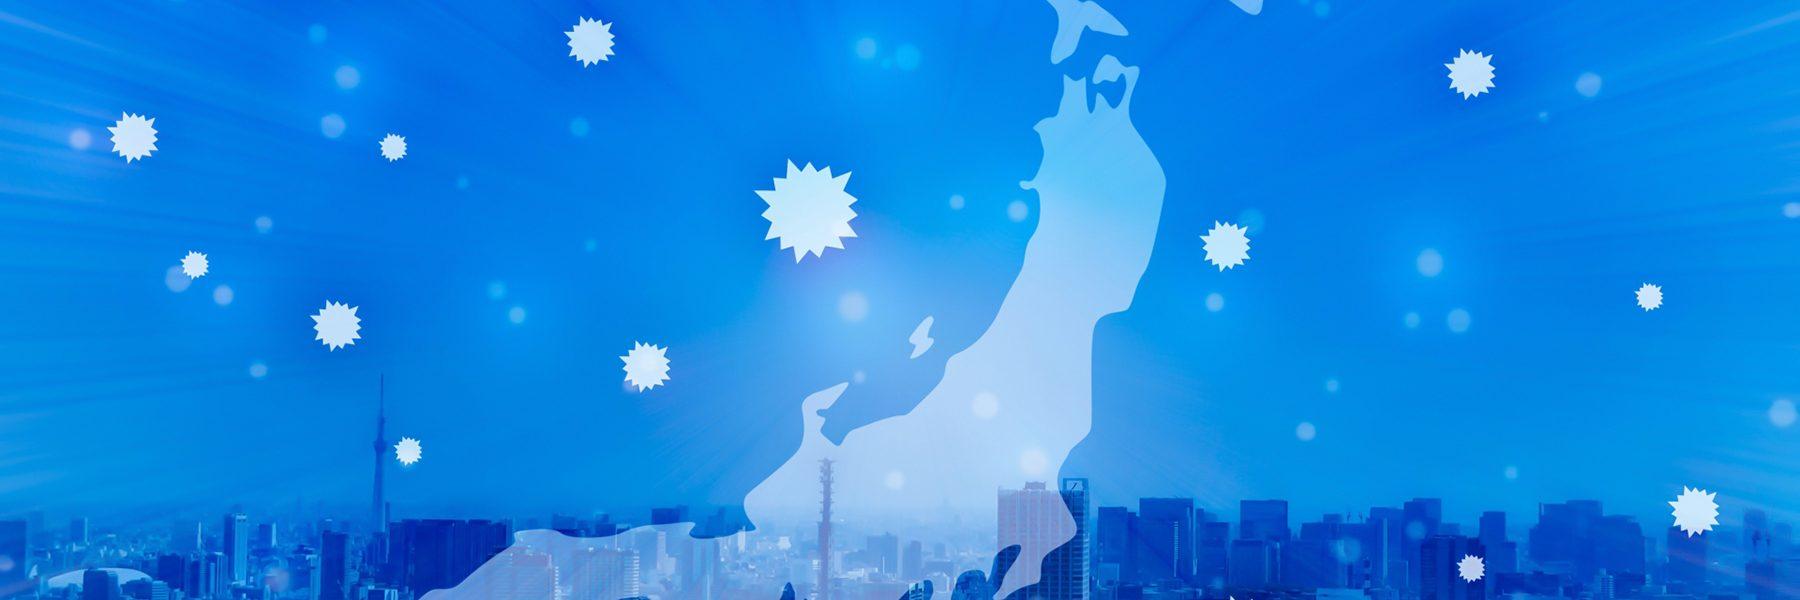 日本中に広がるウイルスのイメージ写真